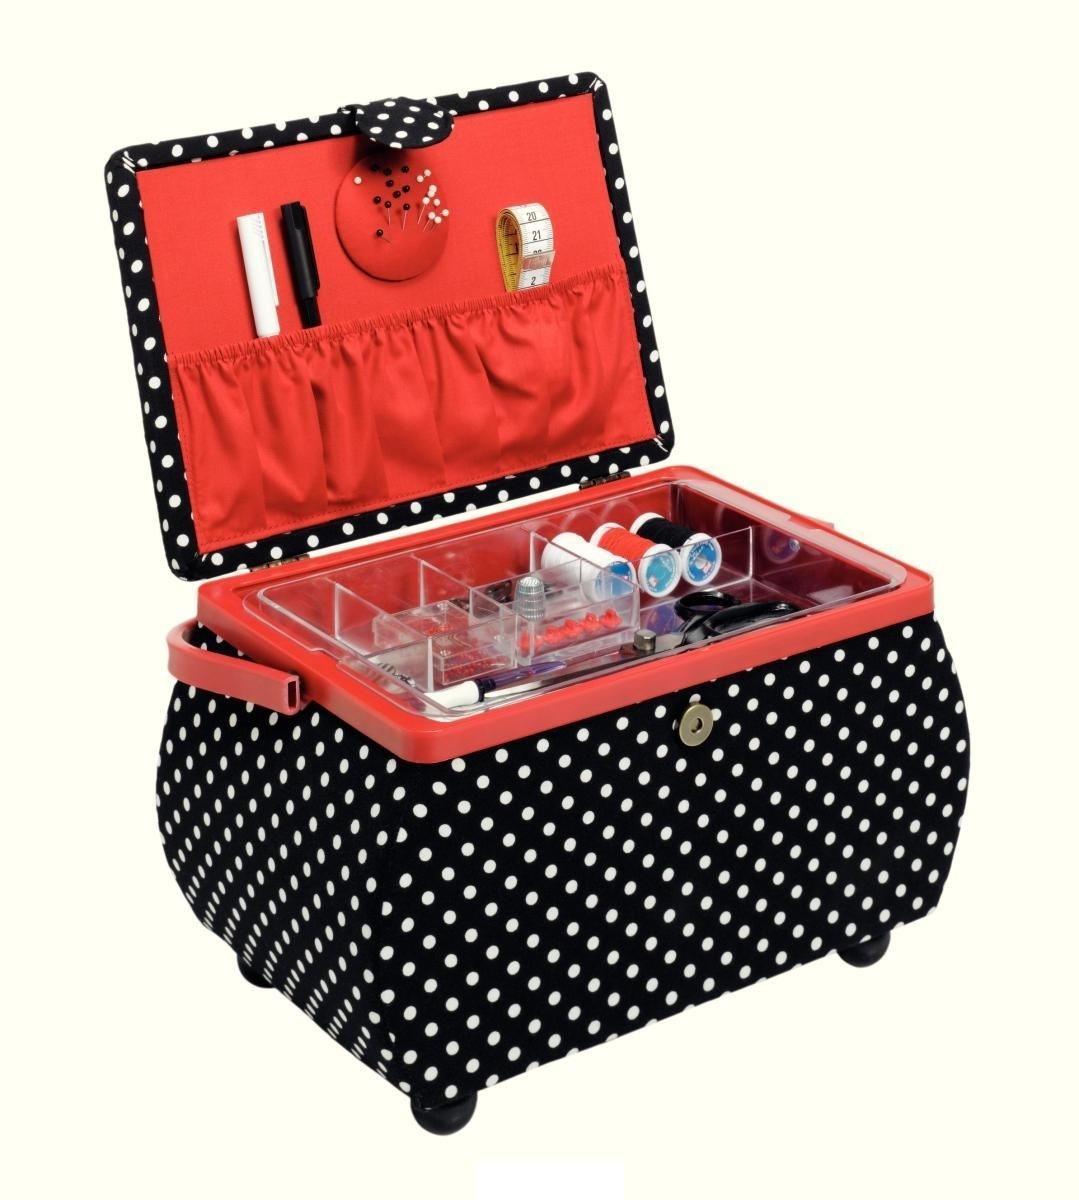 Шкатулка для рукоделия Polka dots (Горошек), цвет: черный, белый, красный, 32 х 20,5 х 20 см4002276122468Шкатулка для рукоделия в форме корзины. Выполнена в отличном дизайне с дуба темного цвета. Здесь вы можете хранить множество безделушек для своего любимого занятия. Отличный подарок на праздник для человека, которого вы любите и уважаете.